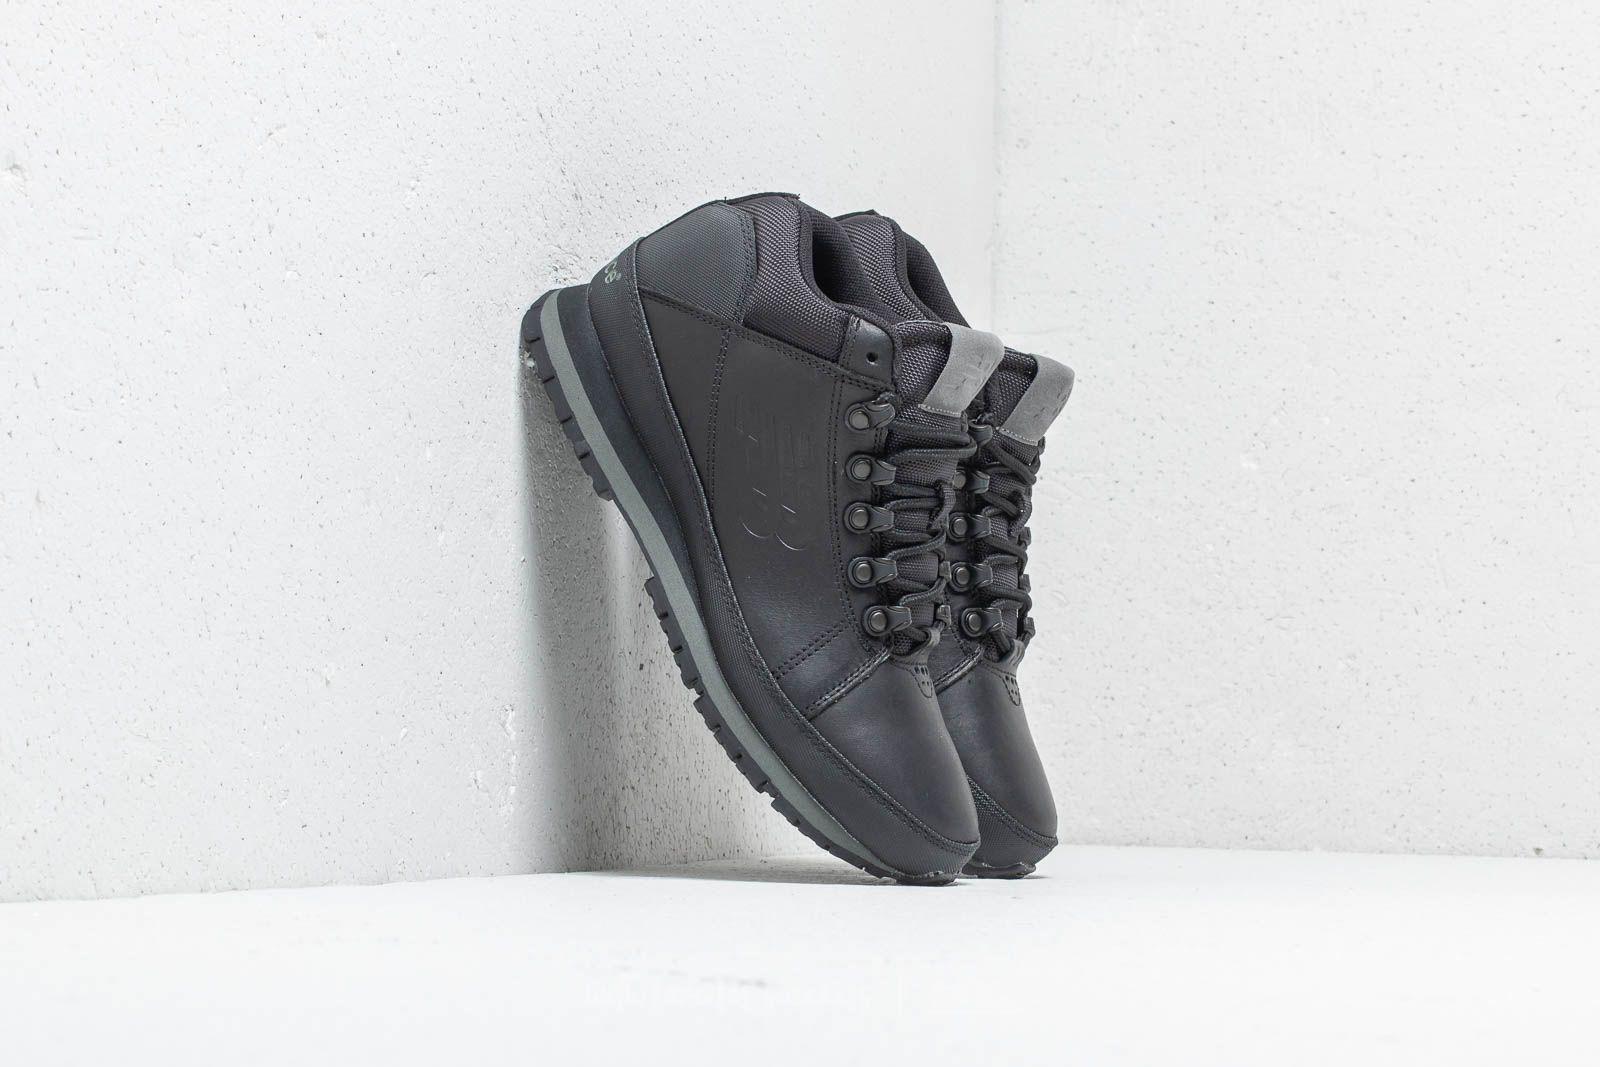 Ανδρικά παπούτσια New Balance 754 Black